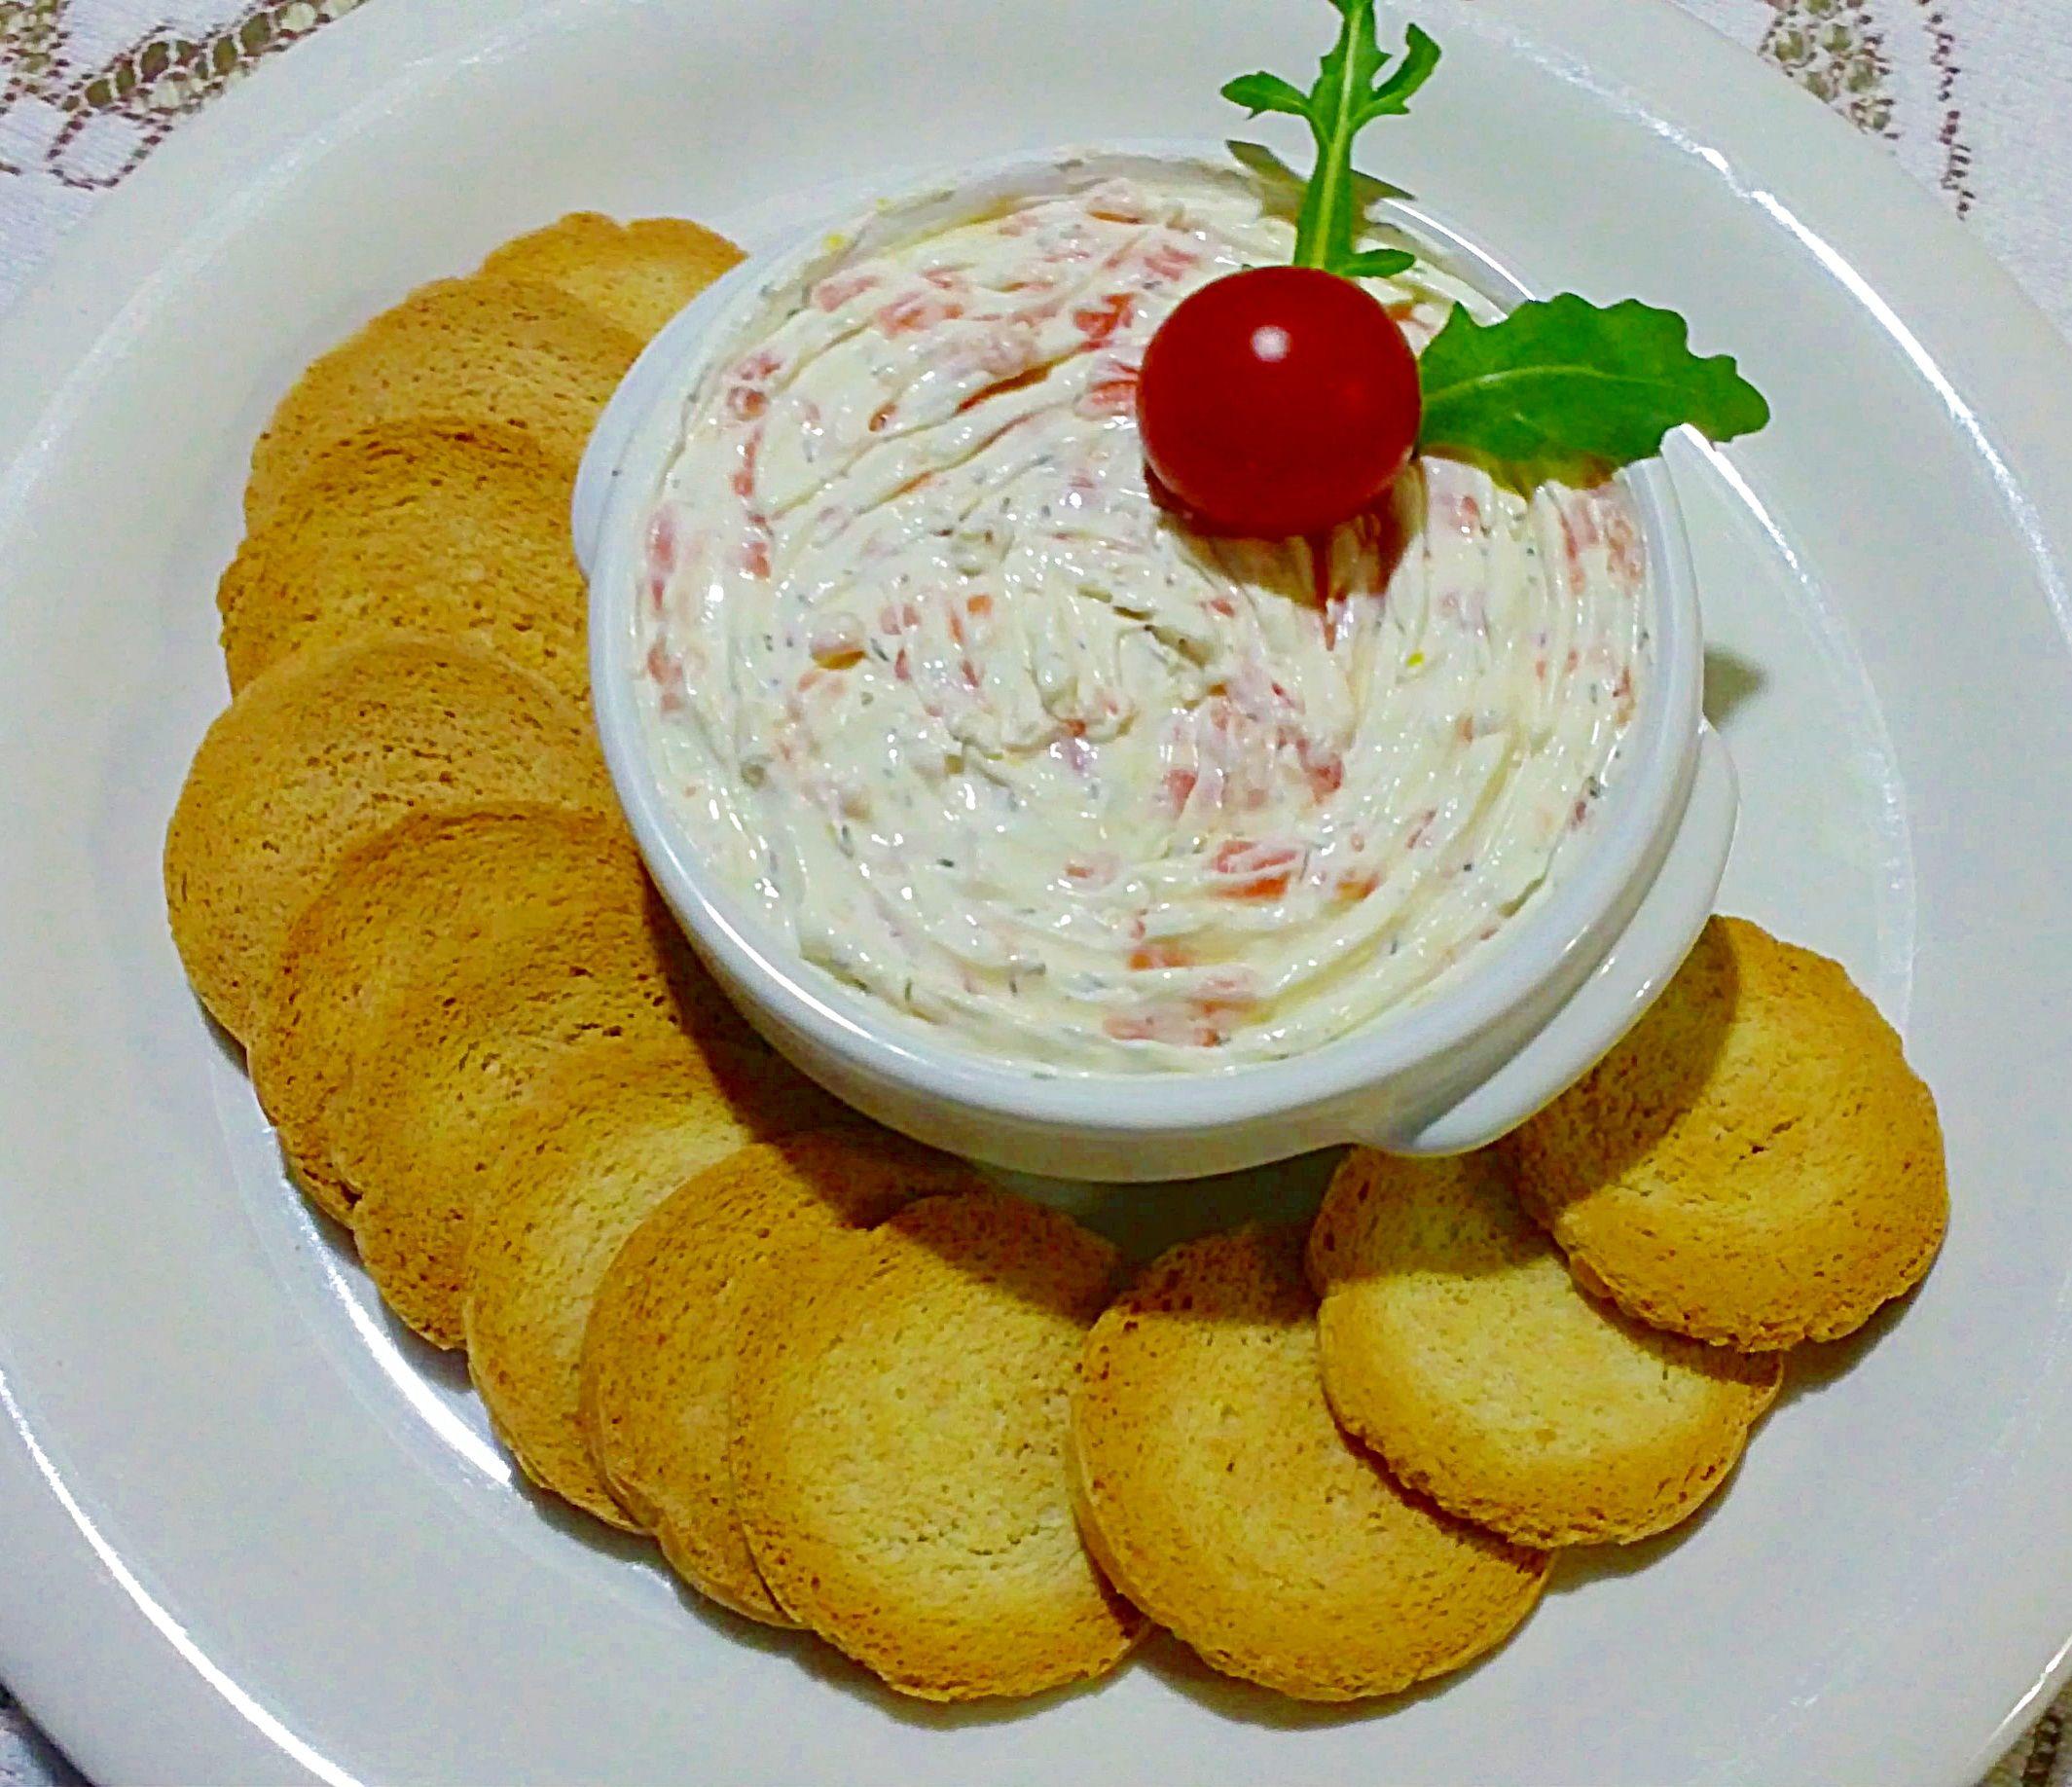 Paté De Salmón Y Queso Crema Aperitivos Salados Recetas Con Queso Philadelphia Tapas Y Aperitivos